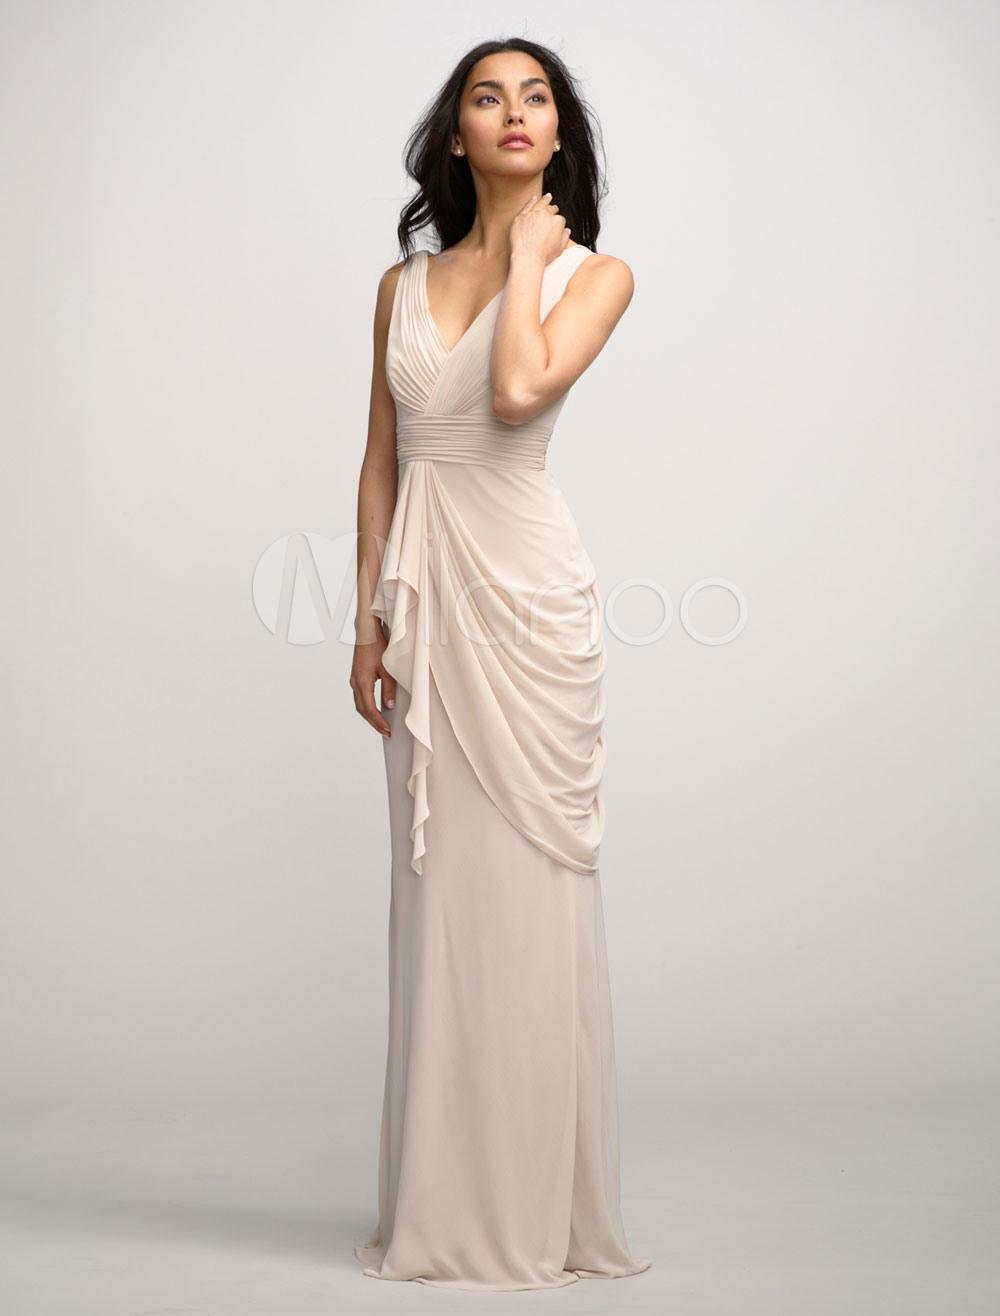 Старинный Вечернее Платье Сексуальное Платье Партии Chiffonwedding Платье  V-Neckd Макси Невесты Платье